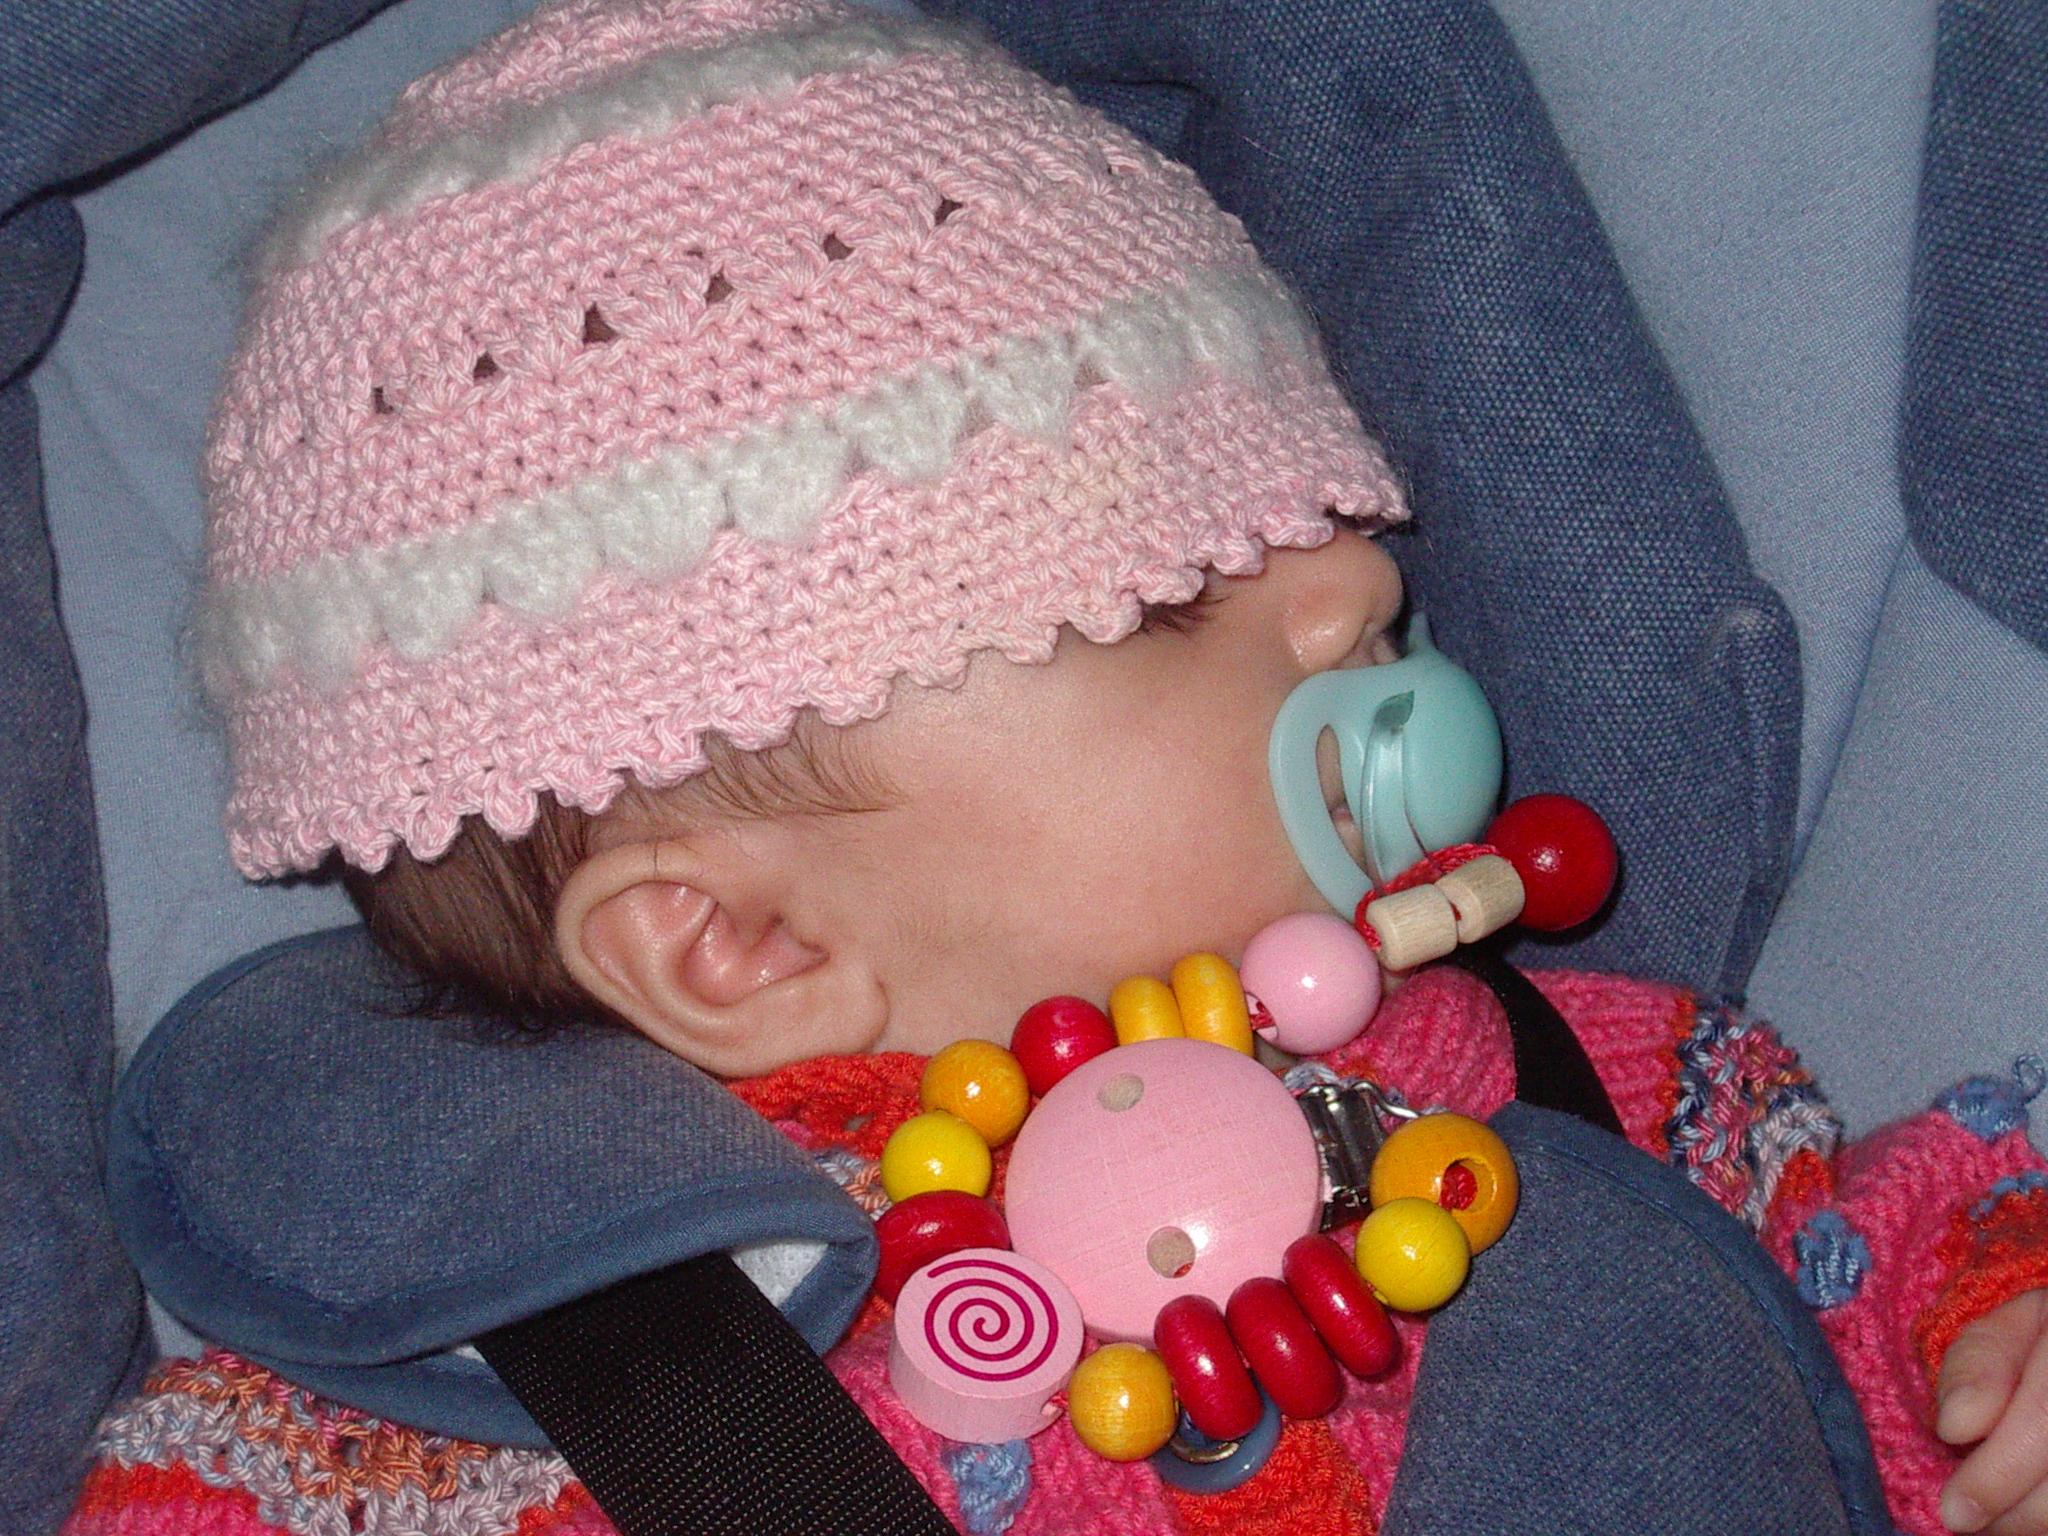 Mit Mütze schläft sicht's super